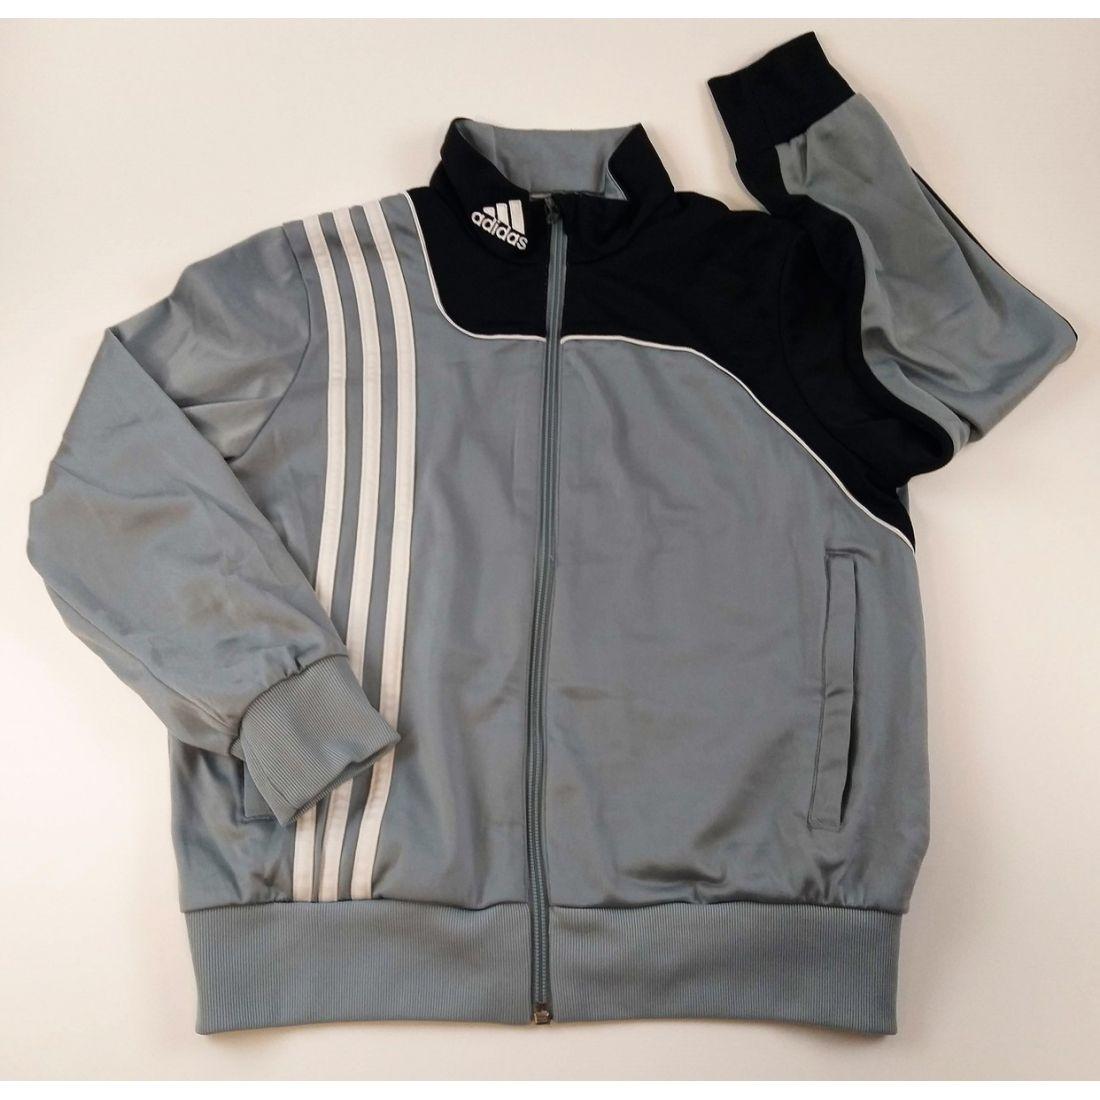 Sivo čierno biela športová bunda ADIDAS d579879986f